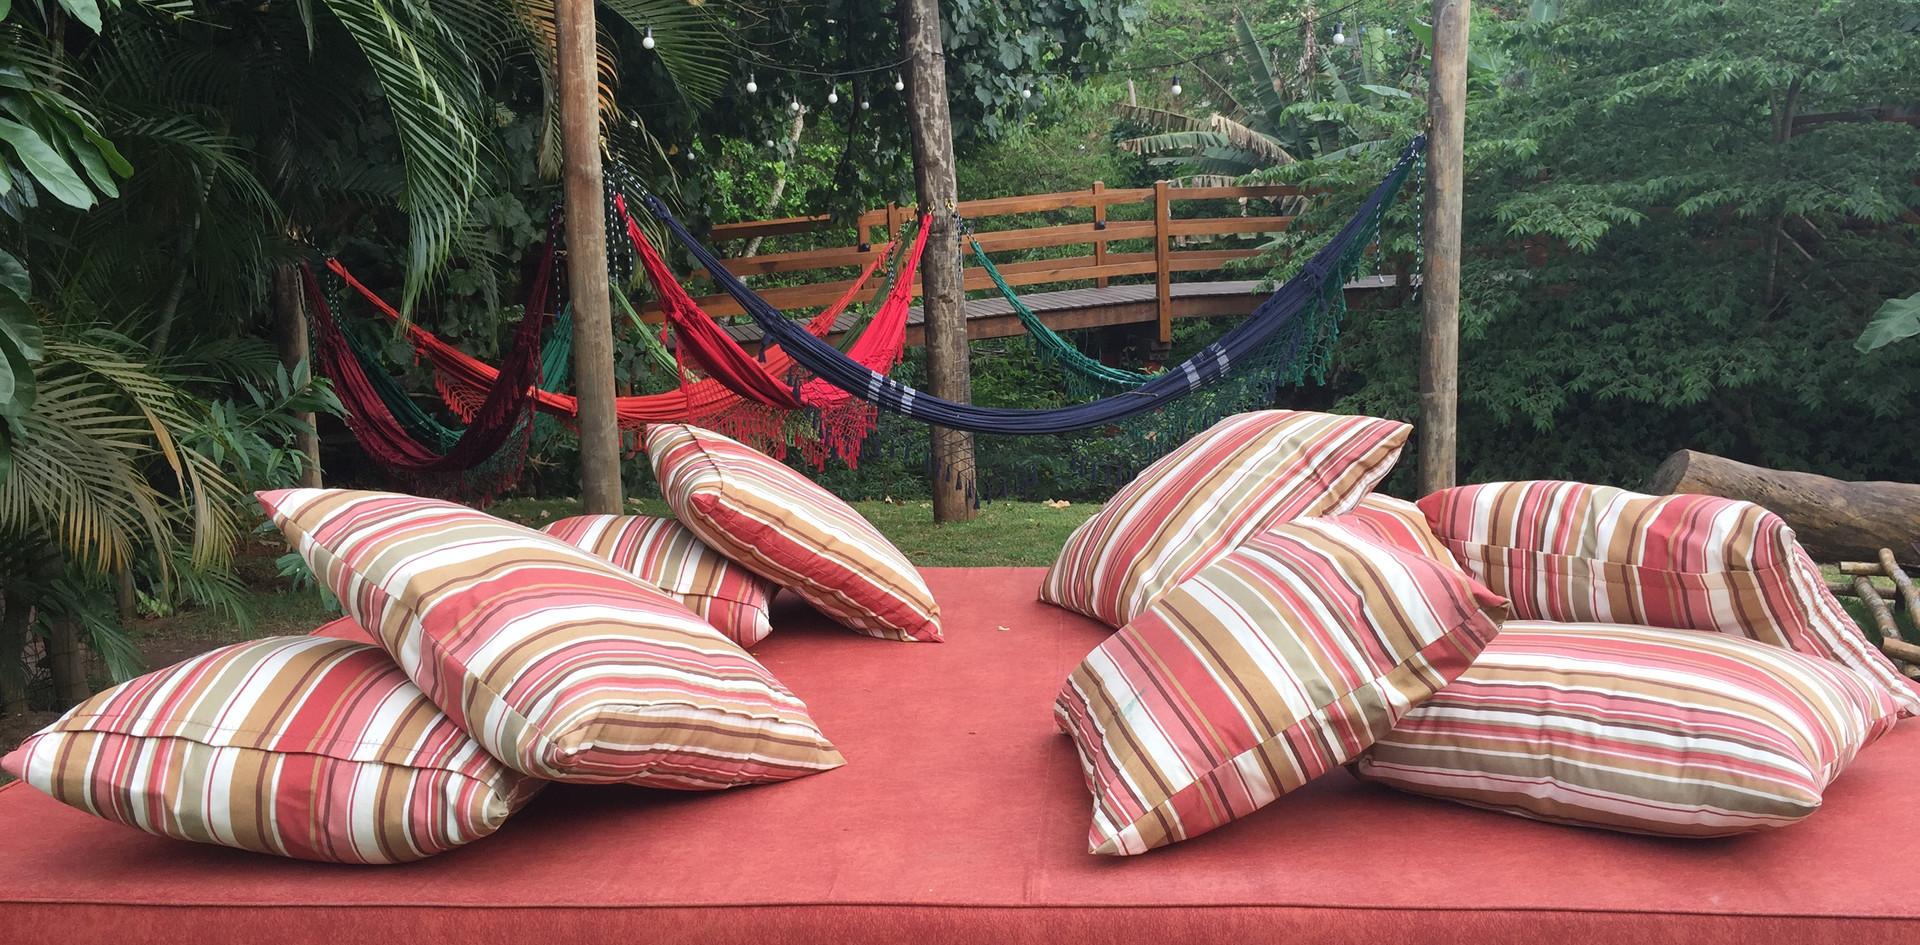 14 jardim com redes e cama.JPG